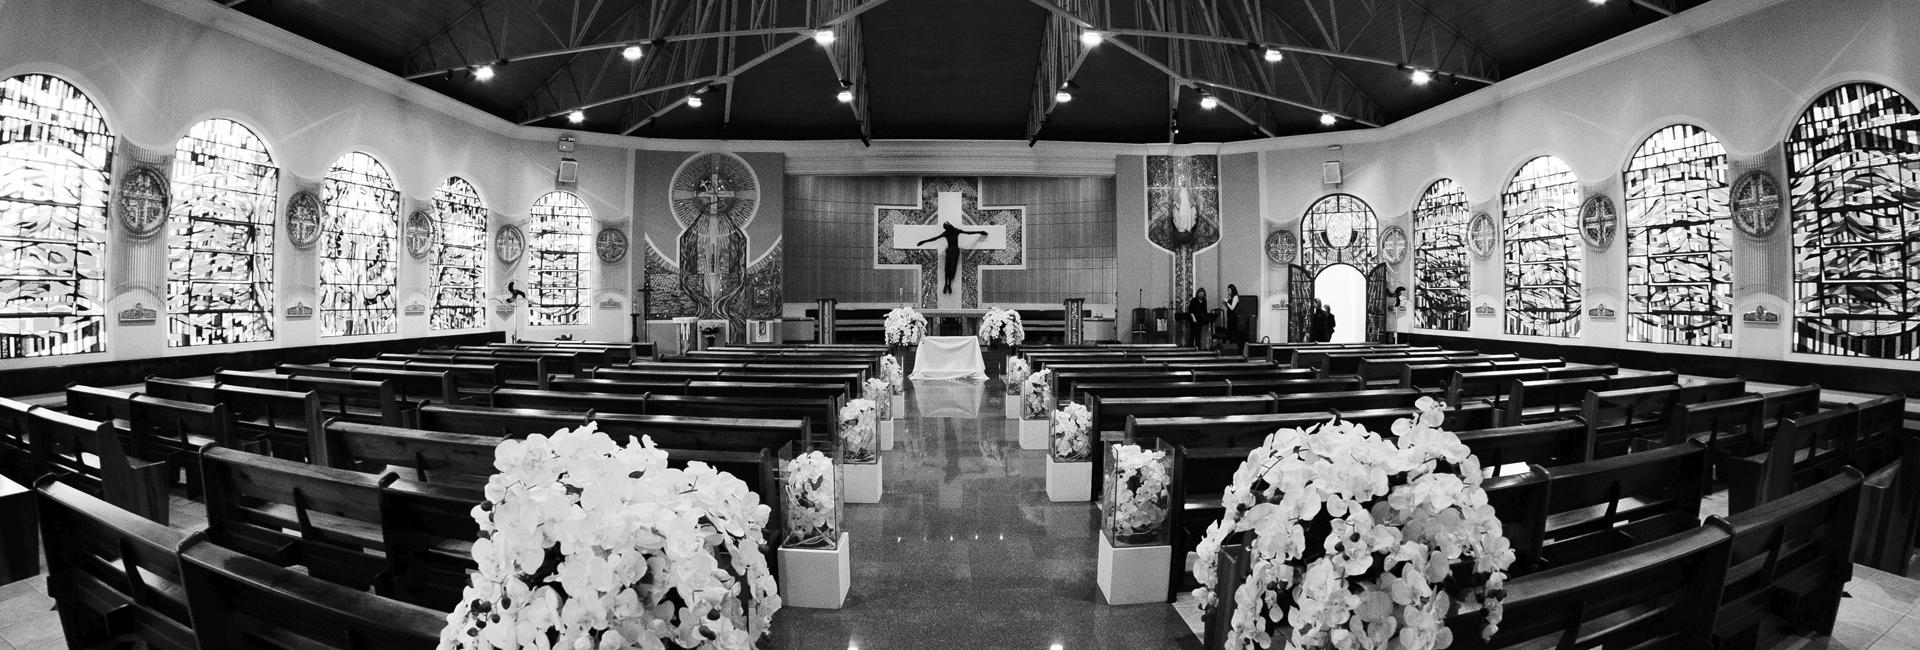 Contate Fotógrafo de Casamento em Curitiba - Paraná - Marco Godinho Fotógrafo